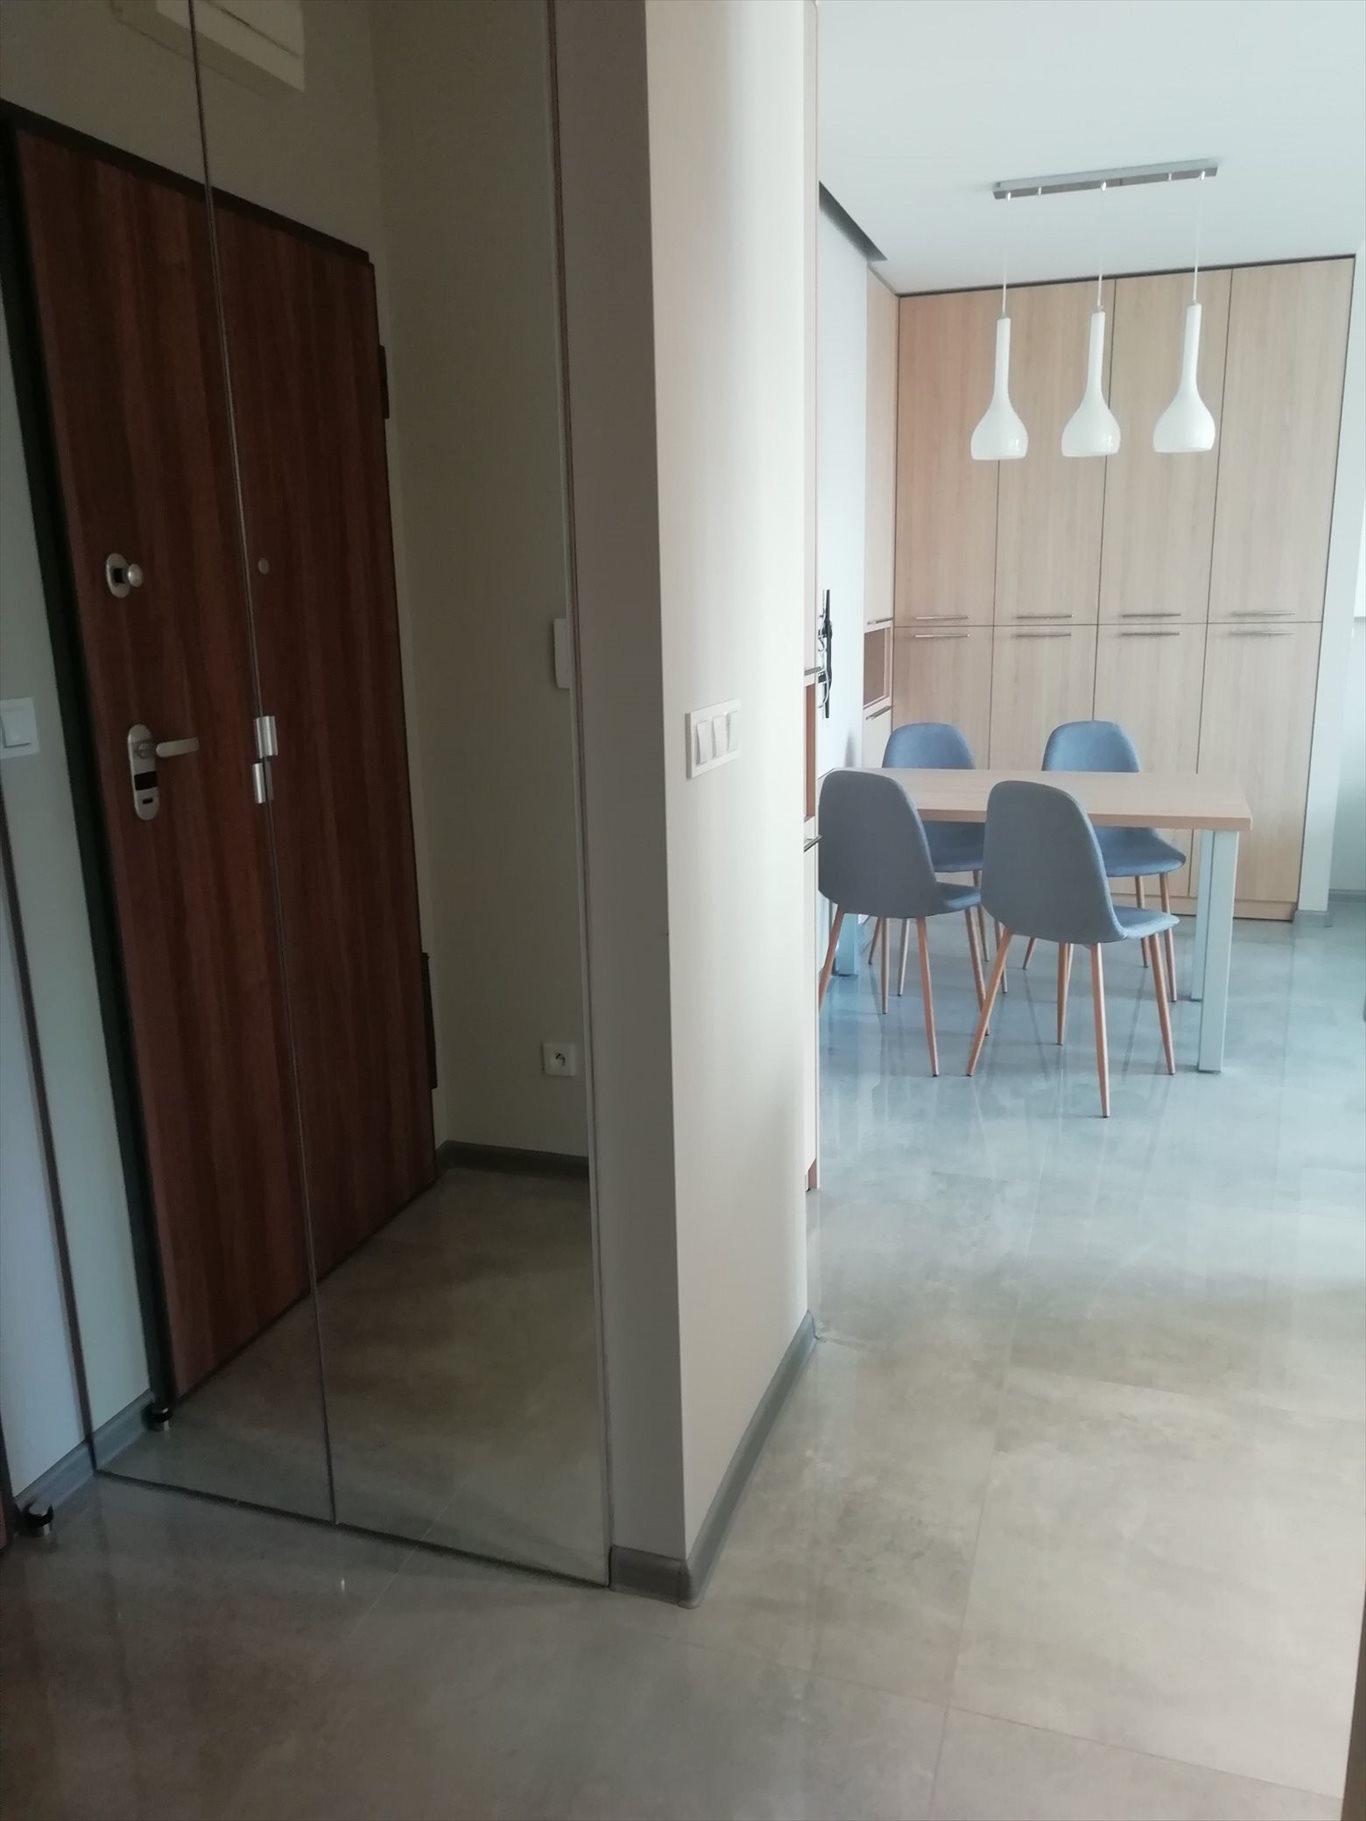 Mieszkanie dwupokojowe na wynajem Warszawa, Wola, KASPRZAKA-Ciche  43m2 Foto 3